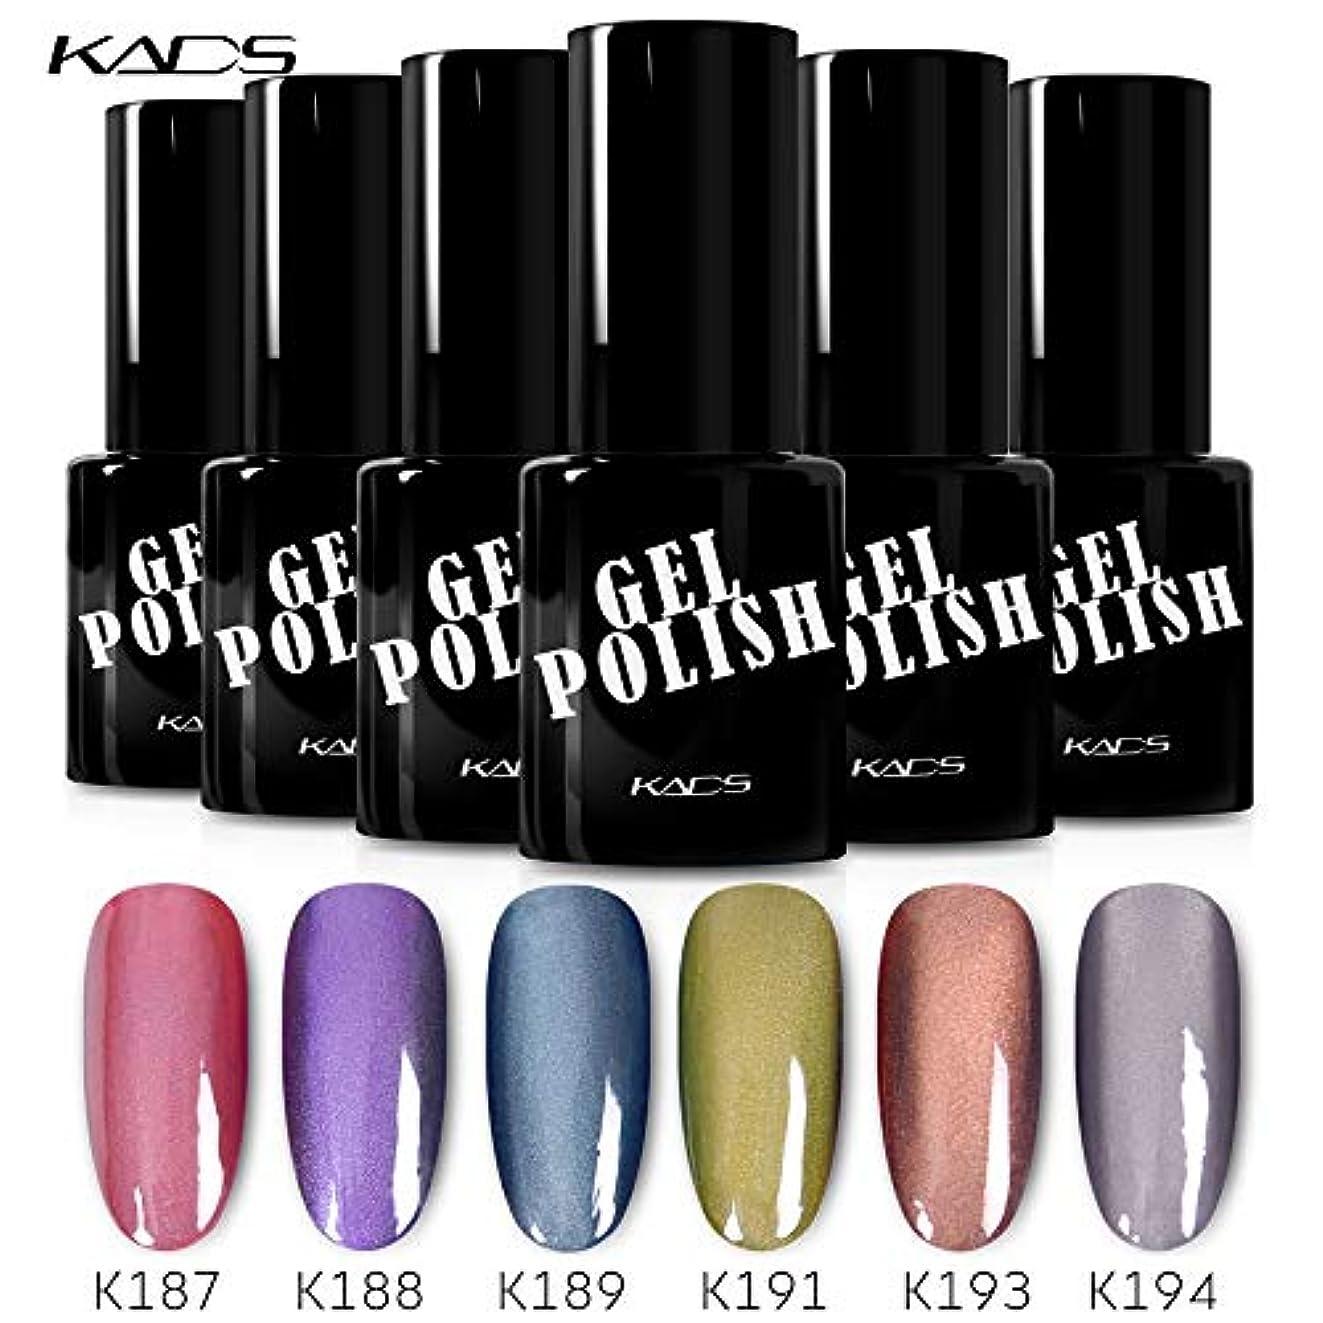 他におんどり鑑定KADS カラージェル 6色入り キャッツアイジェルネイル グリーン/ピンク/グレー カラーポリッシュ UV/LED対応 艶長持ち